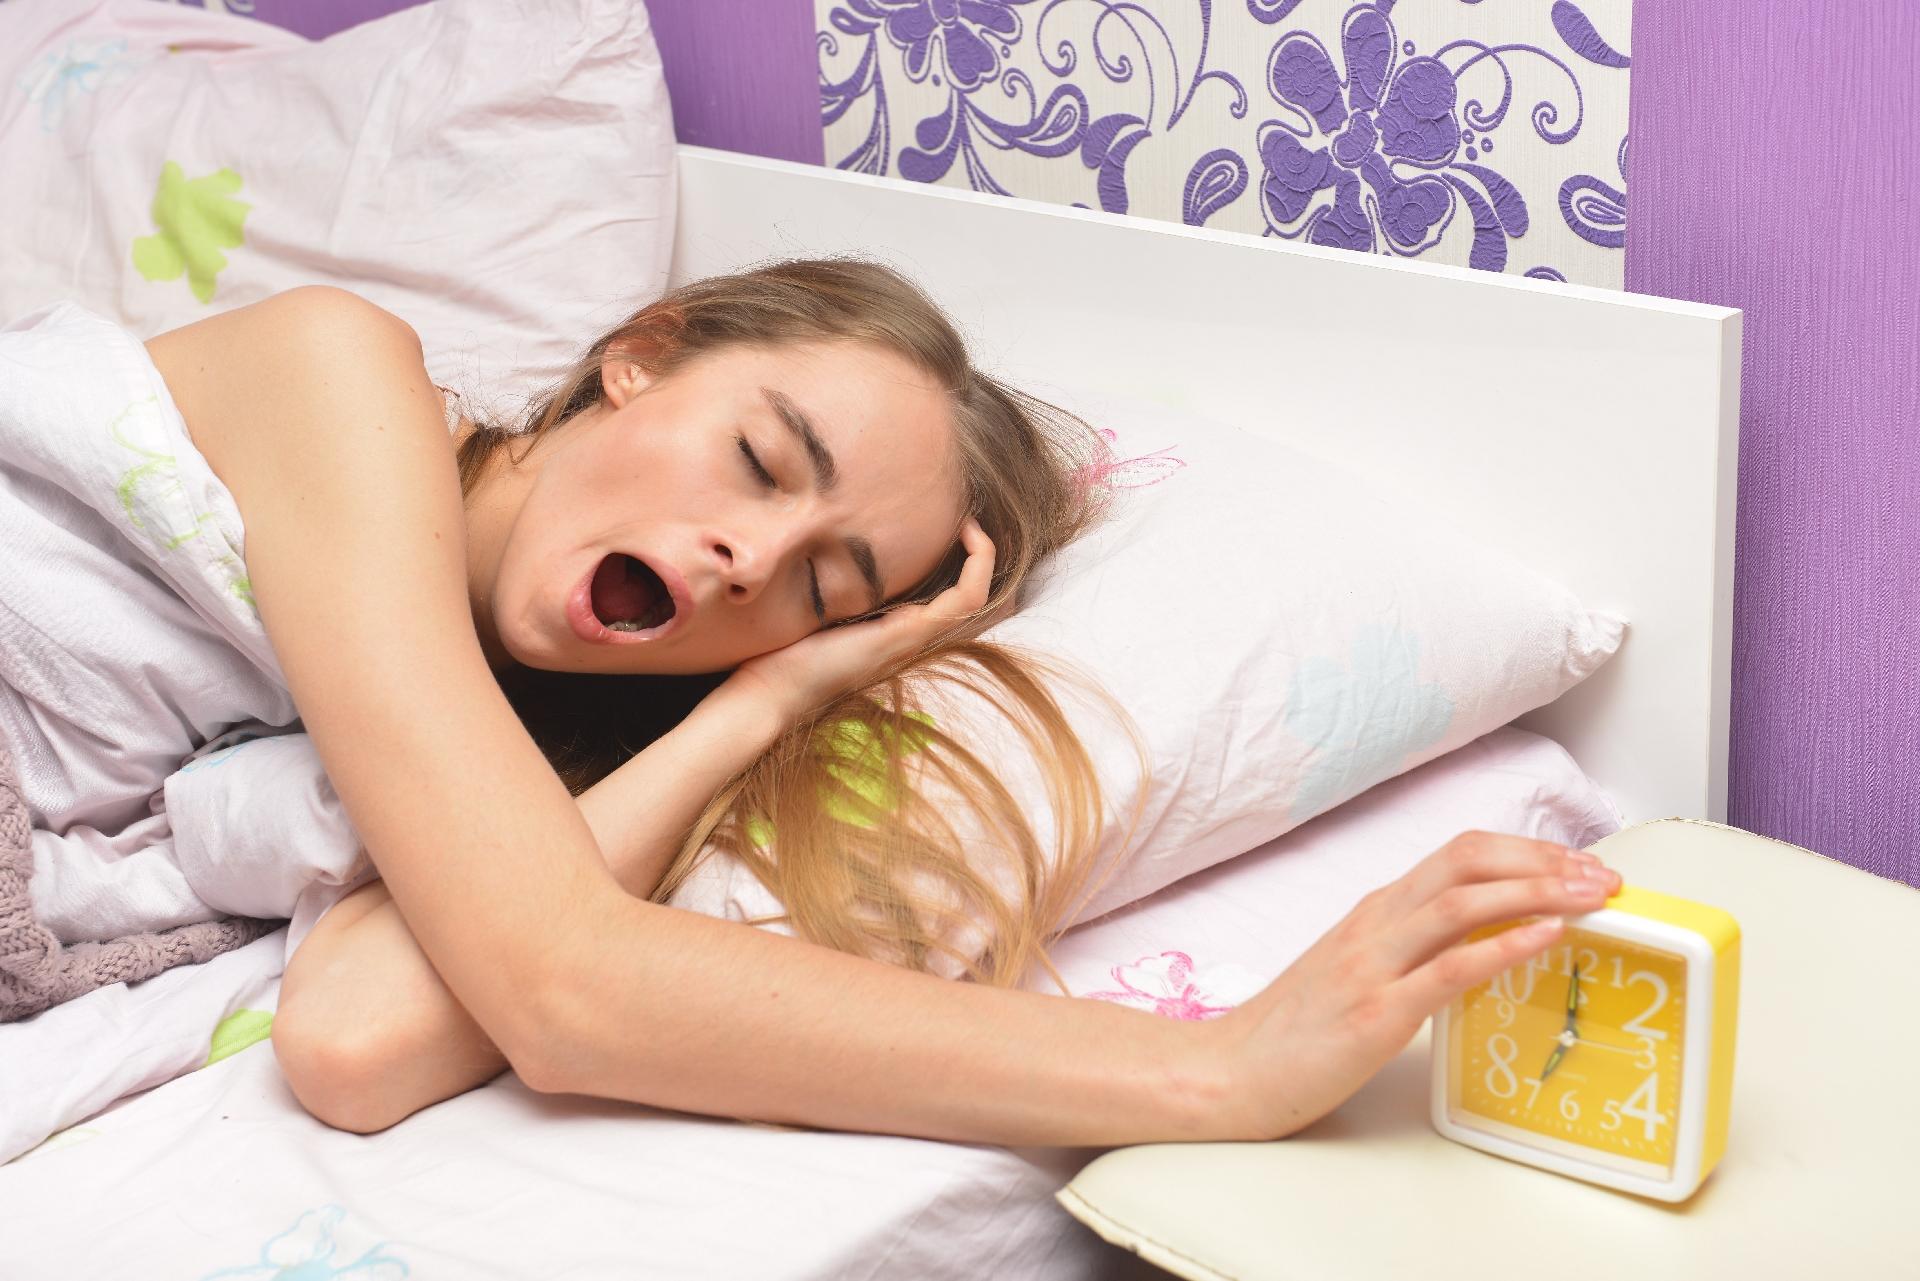 多忙な大学生の睡眠。健康的な睡眠に最適なゴールデンタイムとは。